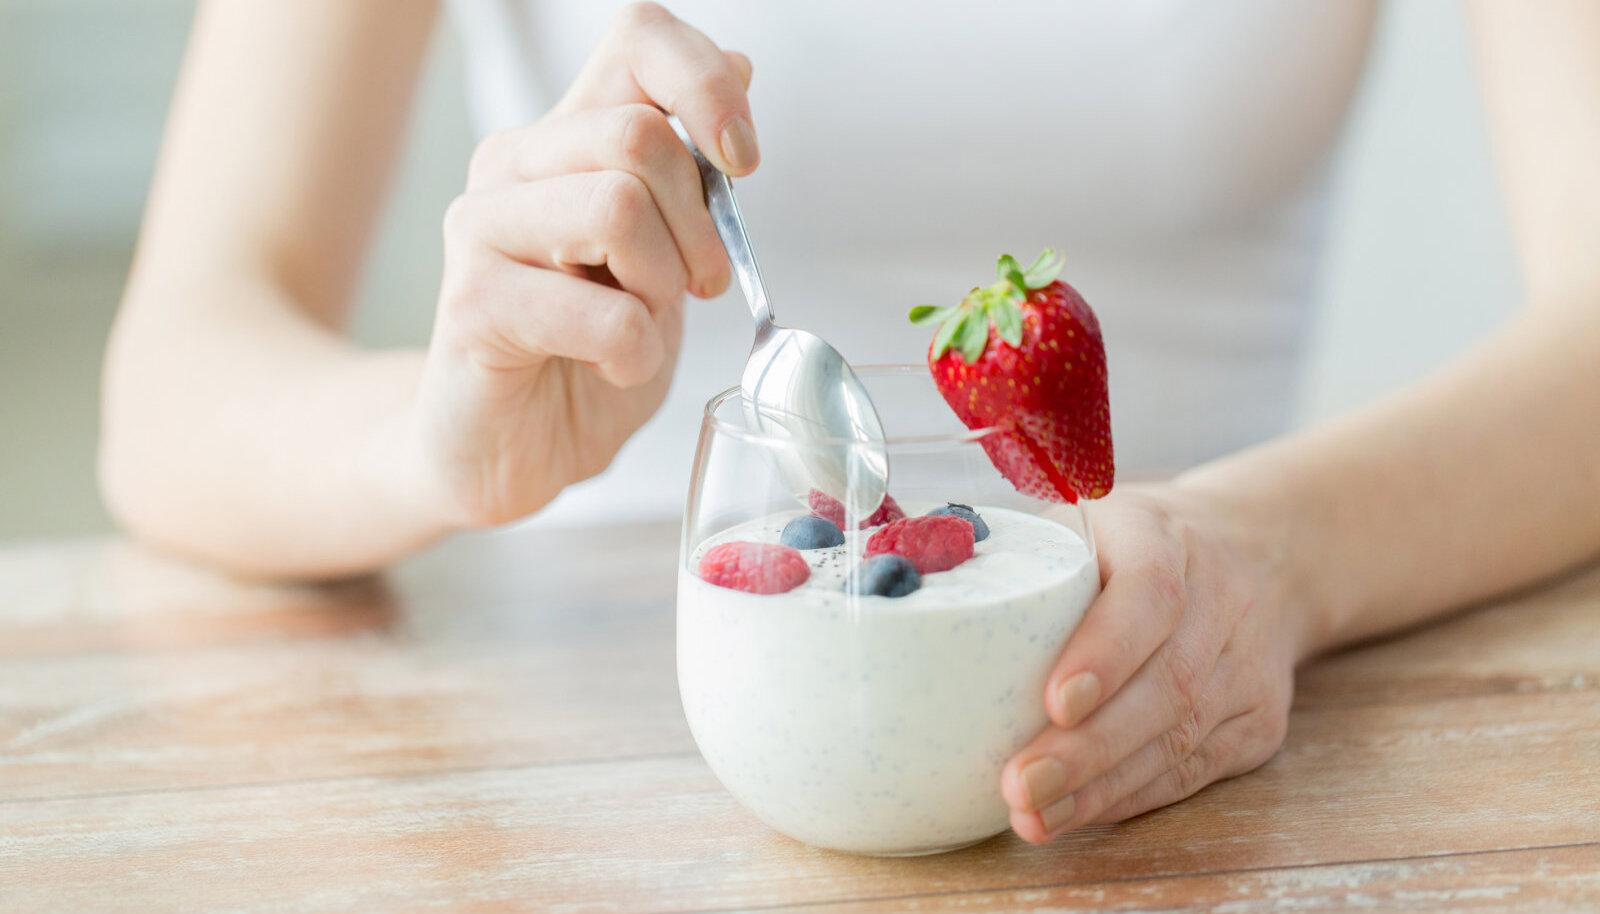 Maitsestamata jogurt pakub kehale probiootikume